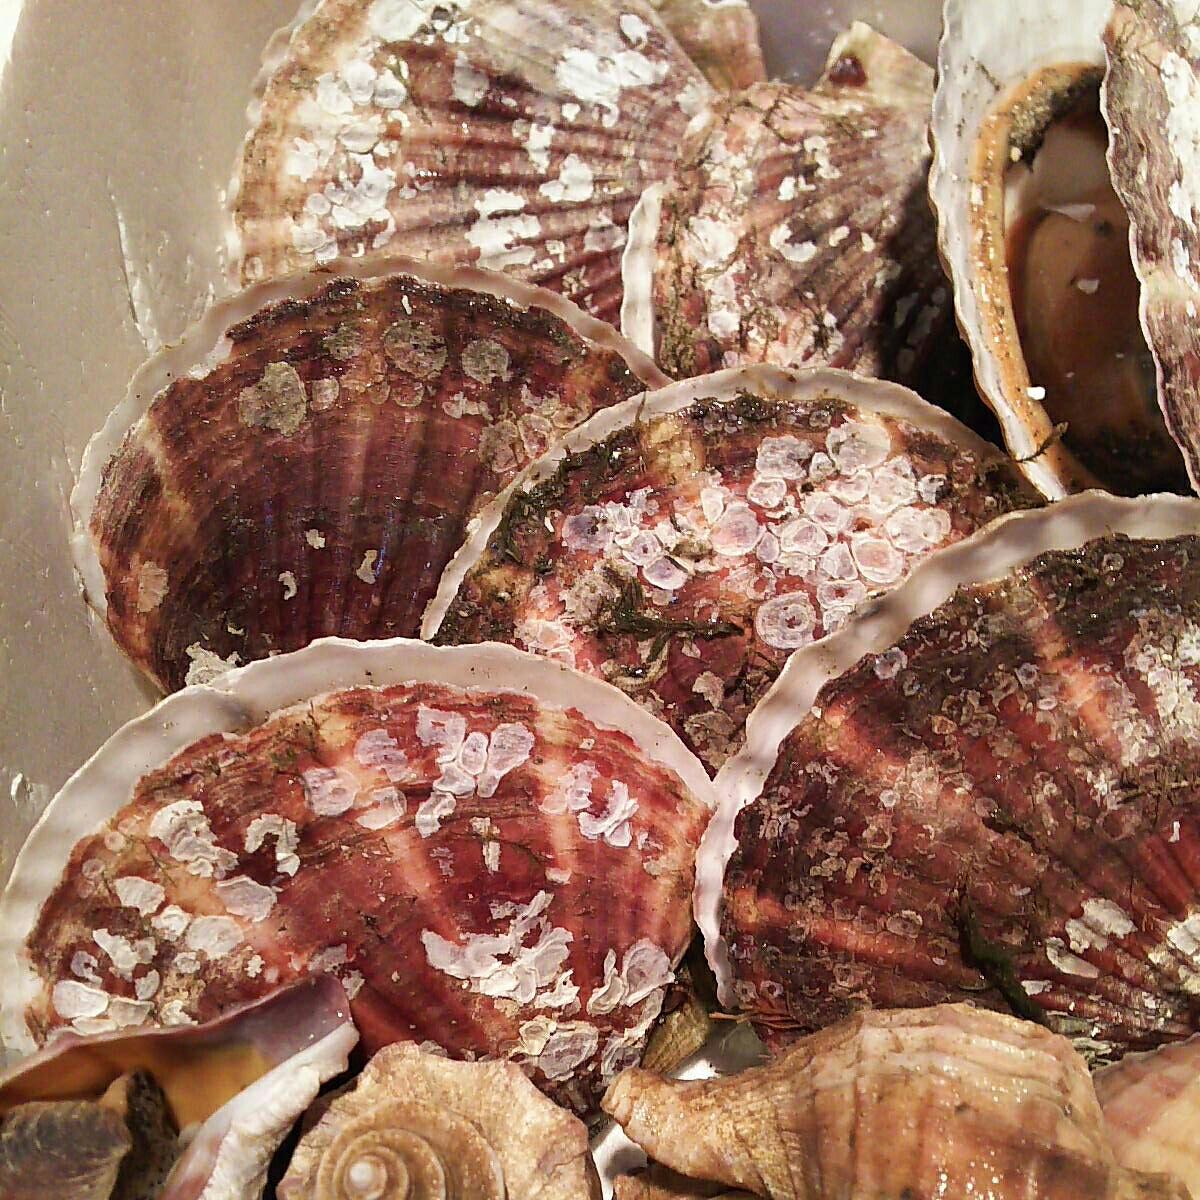 殻ホタテ貝7個大きめつぶかい1.7キロ一箱セット。写真の生を冷凍させてあります。さまざまなお料理にどうぞ!_画像3